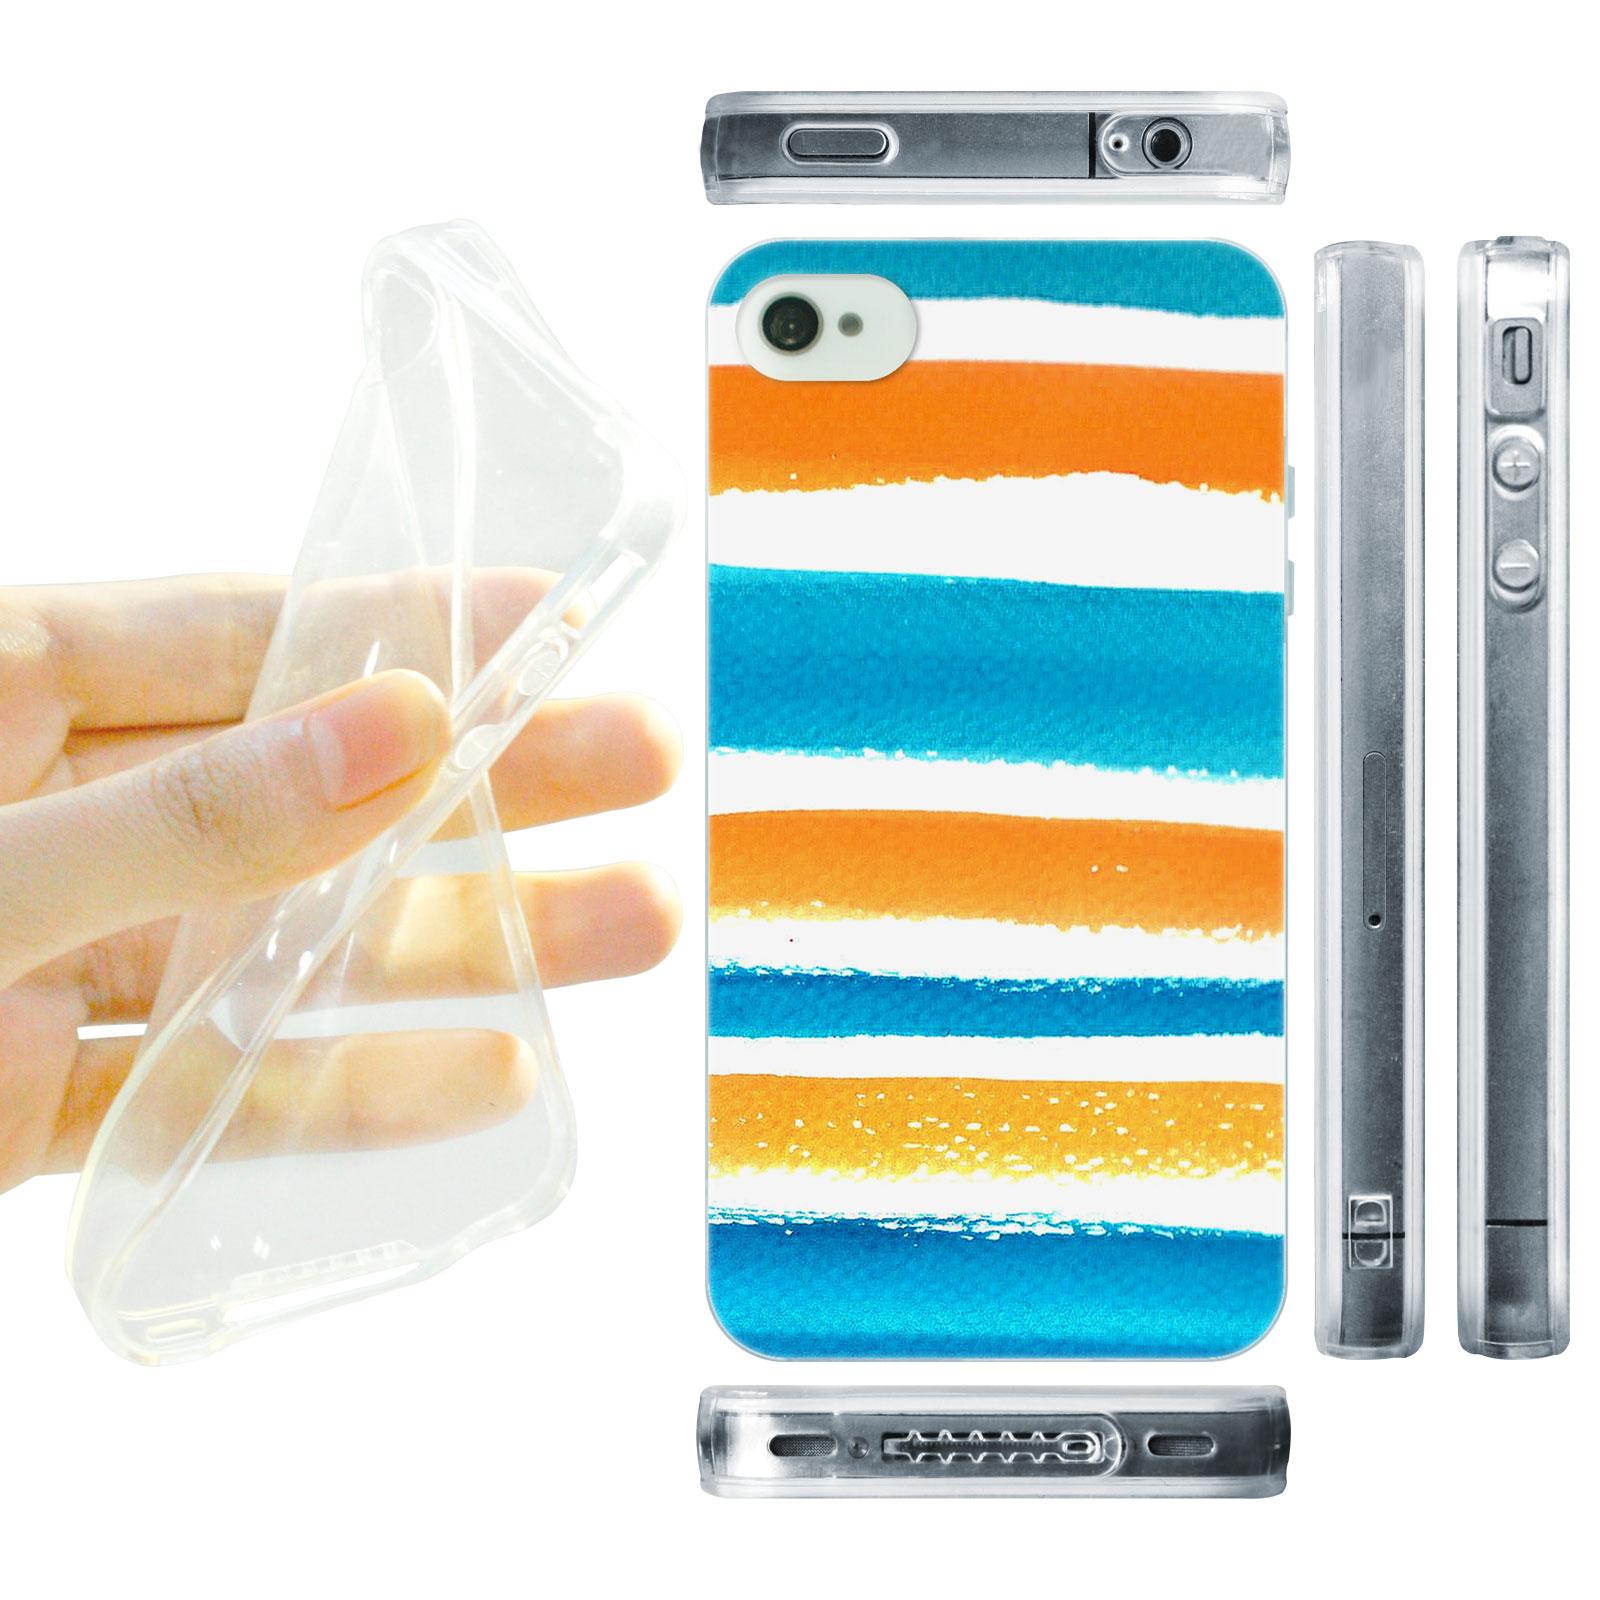 HEAD CASE silikonový obal na mobil Iphone 4/4S Vzor barevné pruhy oranžová a modrá